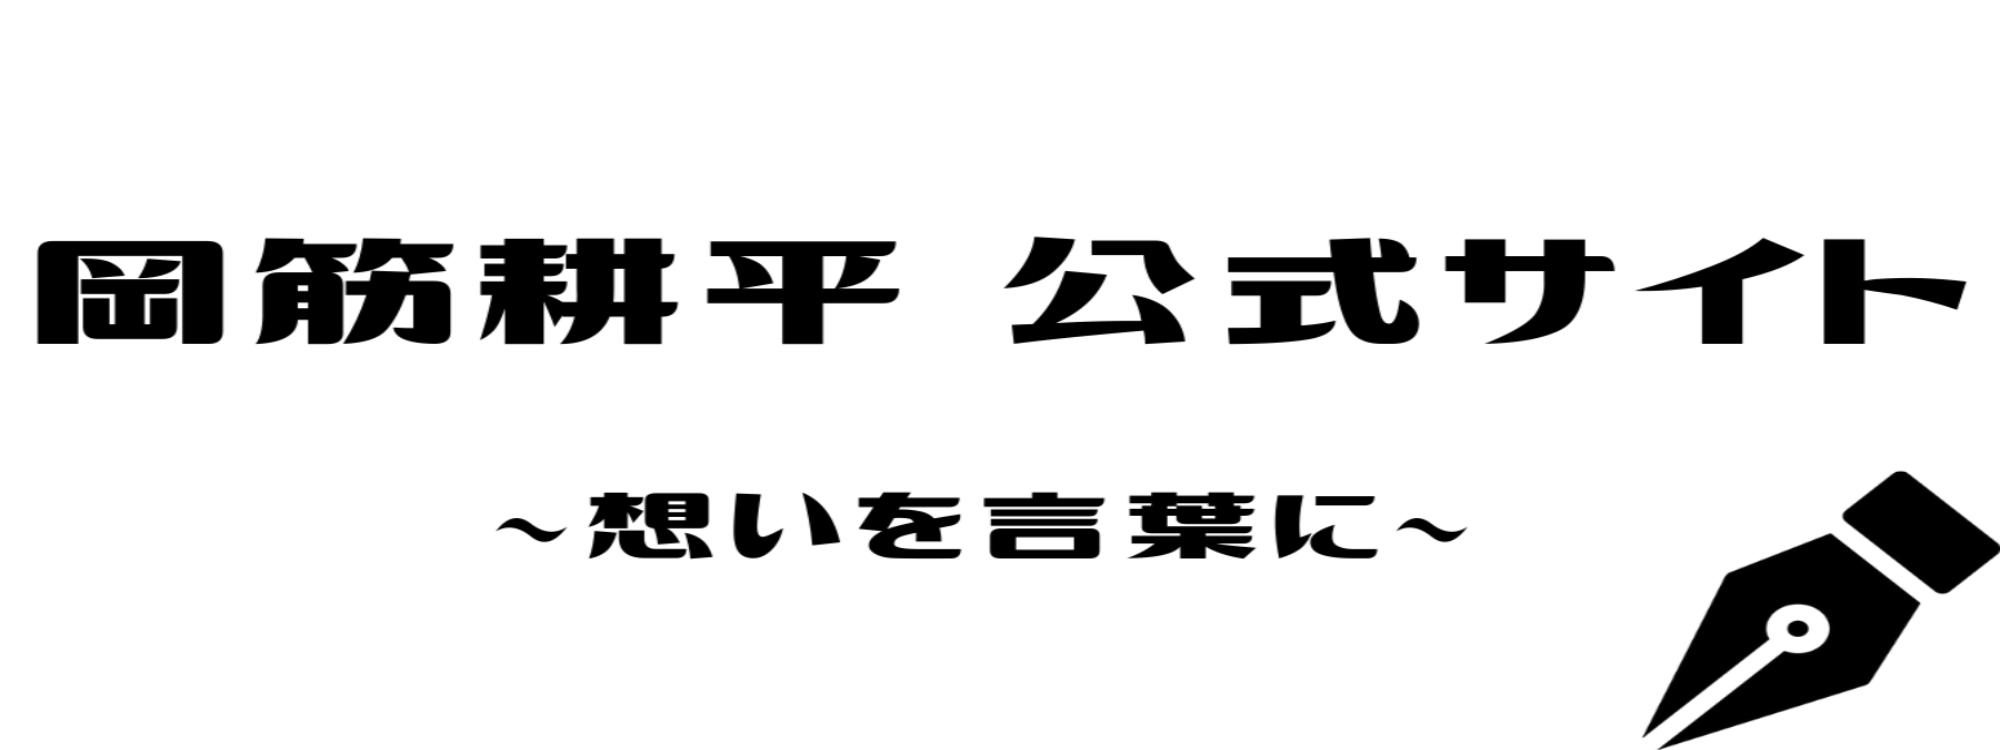 岡筋耕平 公式サイト